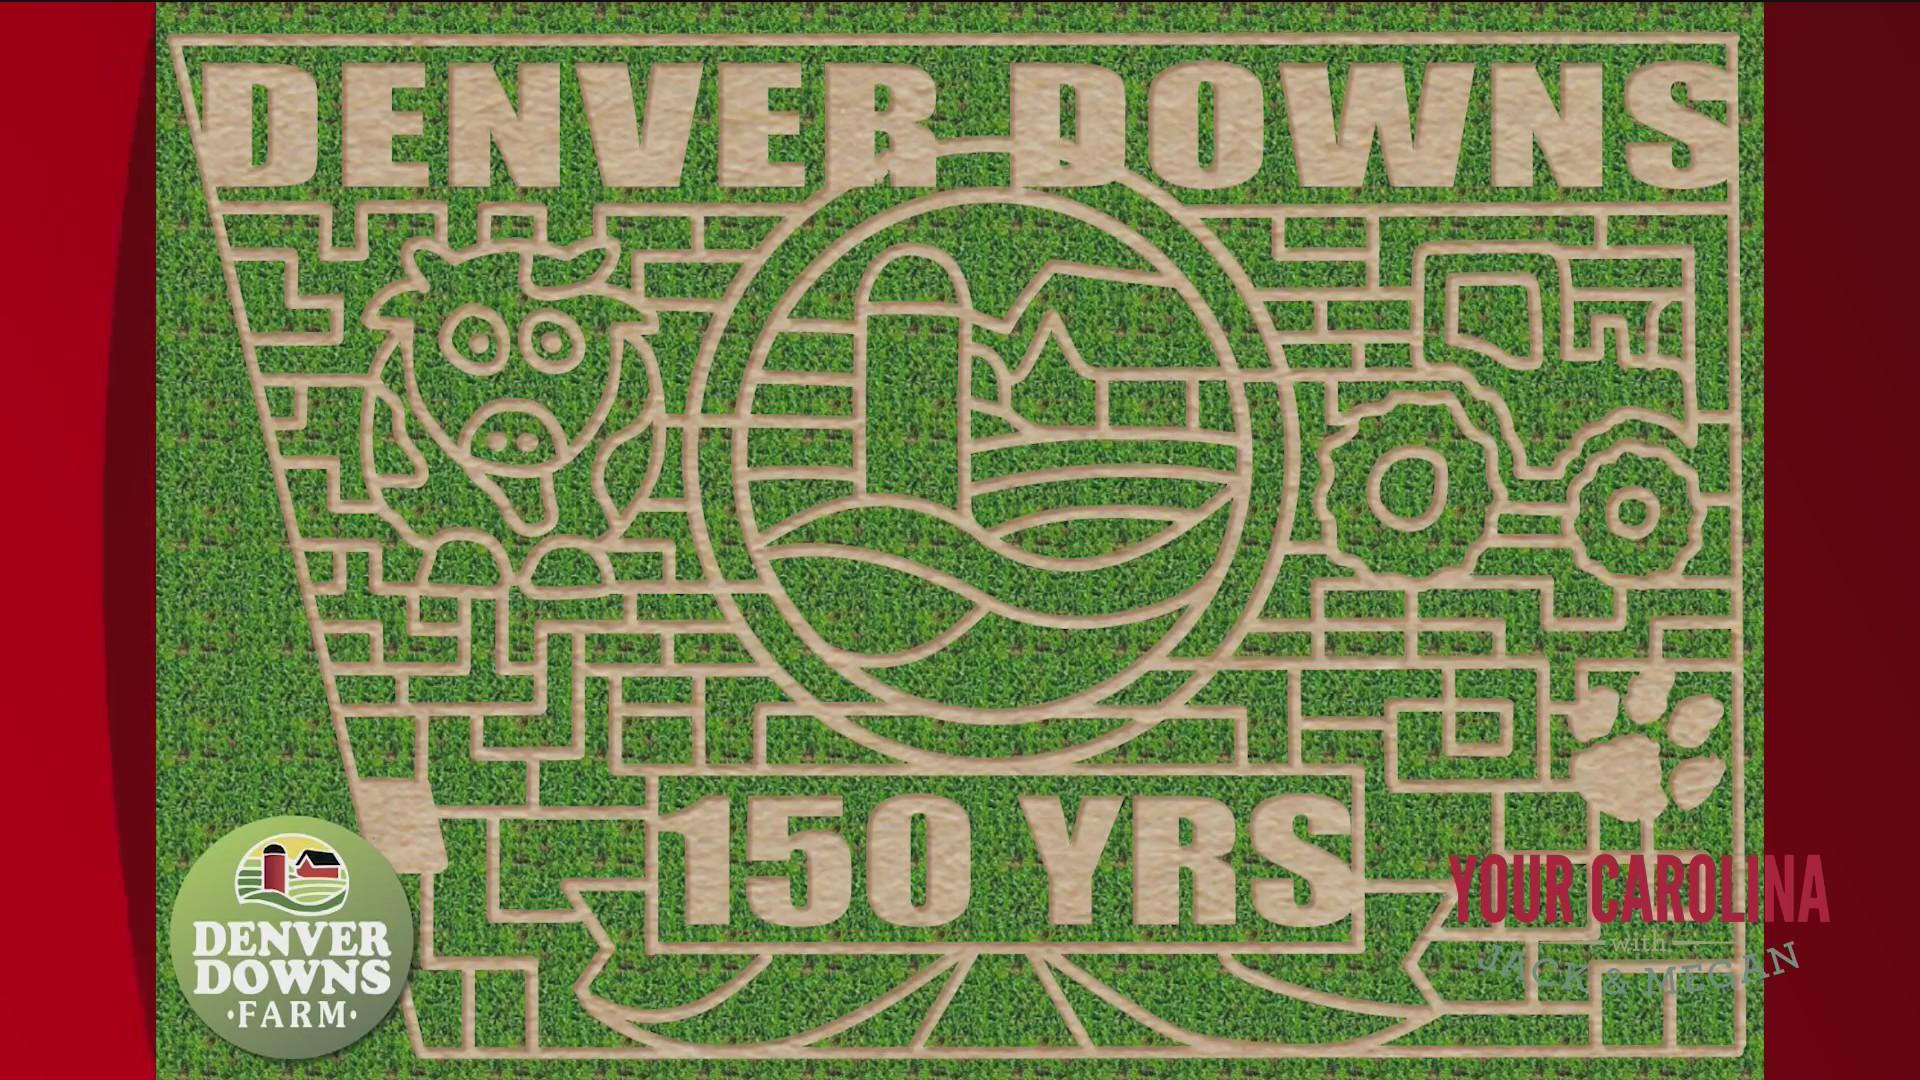 Denver Downs Christmas Parade 2020 Head Over To Denver Downs